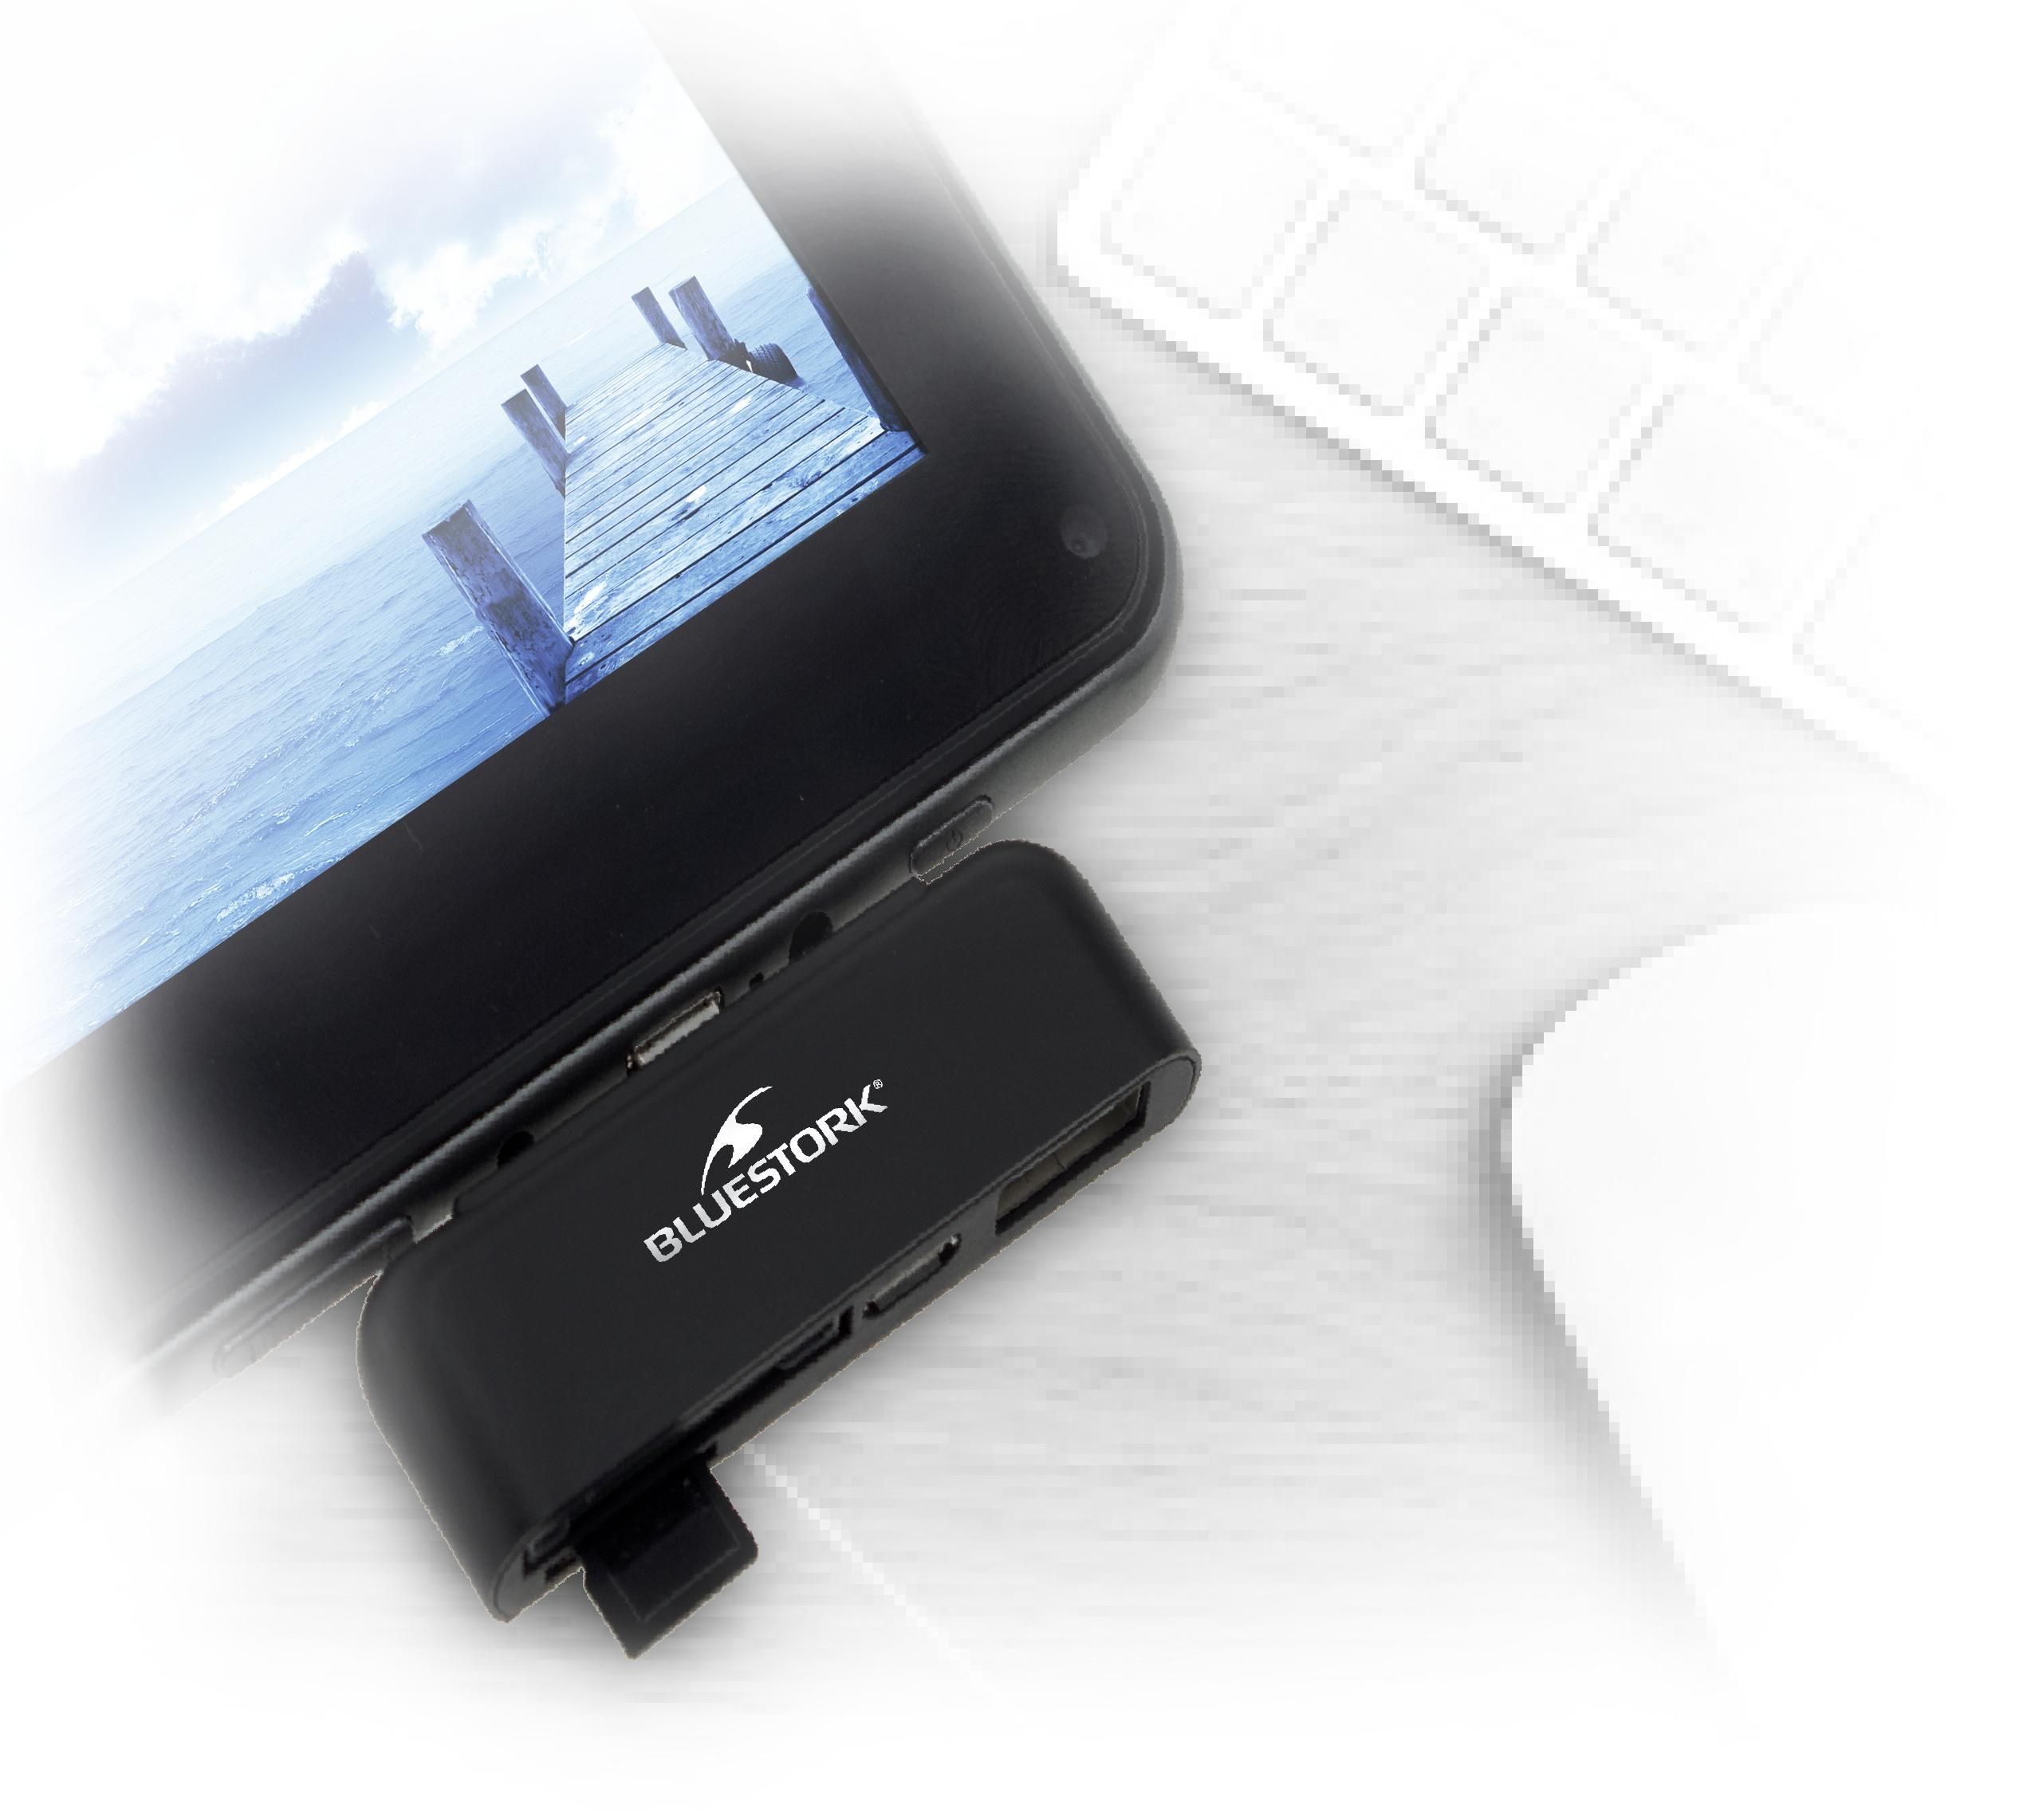 Lecteur De Carte Sd Et Micro Sd Avec Connecteur Micro Usb dedans Carte Memoire Tablette